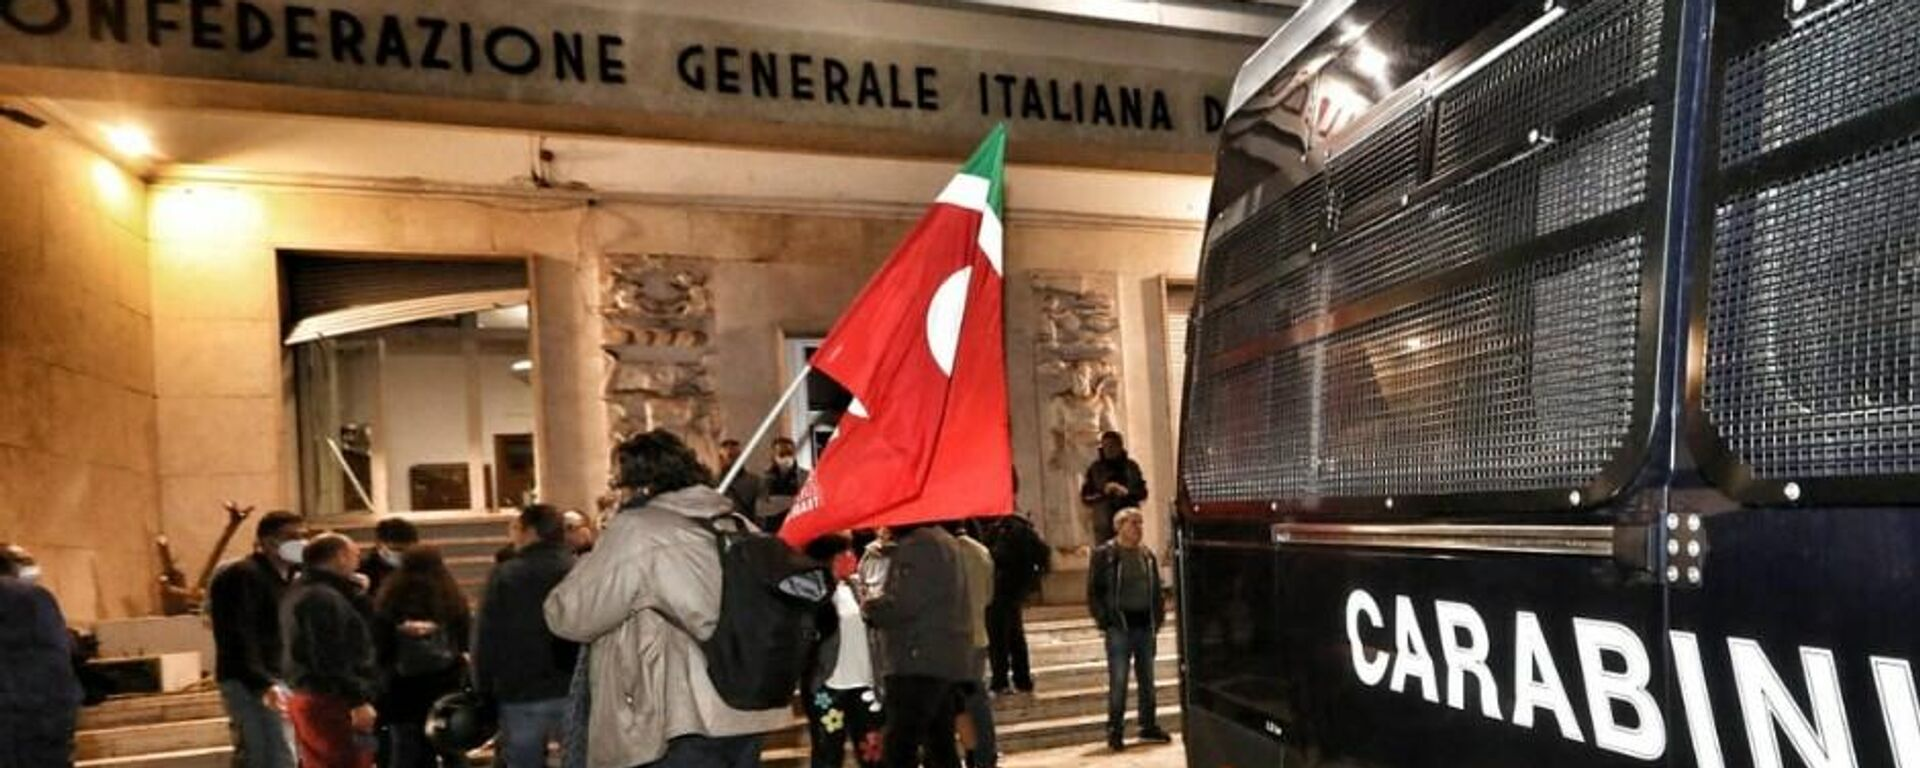 La sede della Cgil a Roma dopo l'assalto dei no green pass - Sputnik Italia, 1920, 09.10.2021